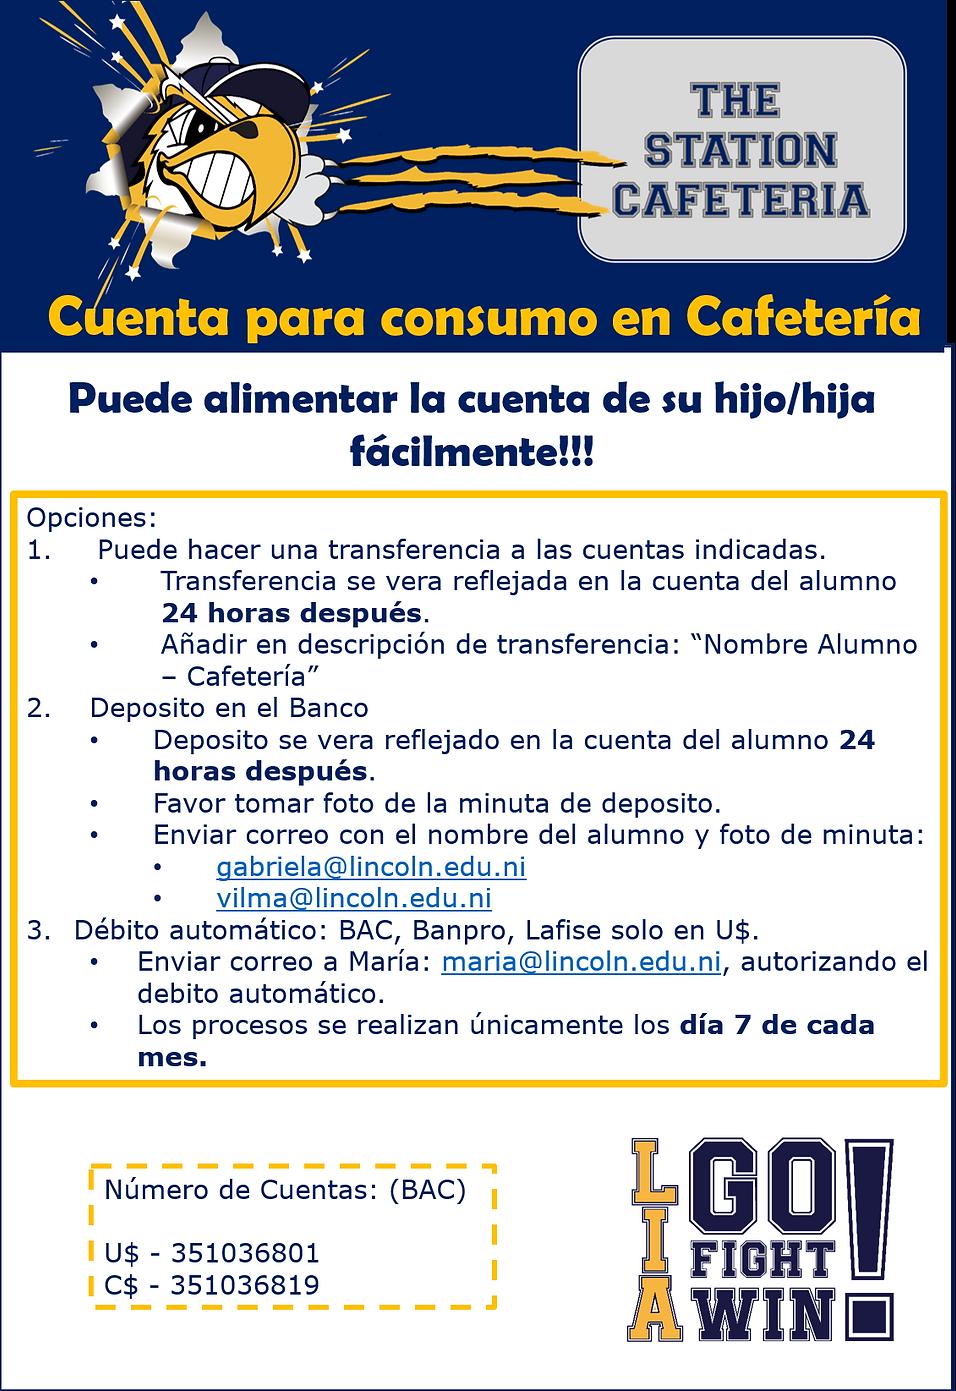 Cuenta para consumo en Cafeteria.png